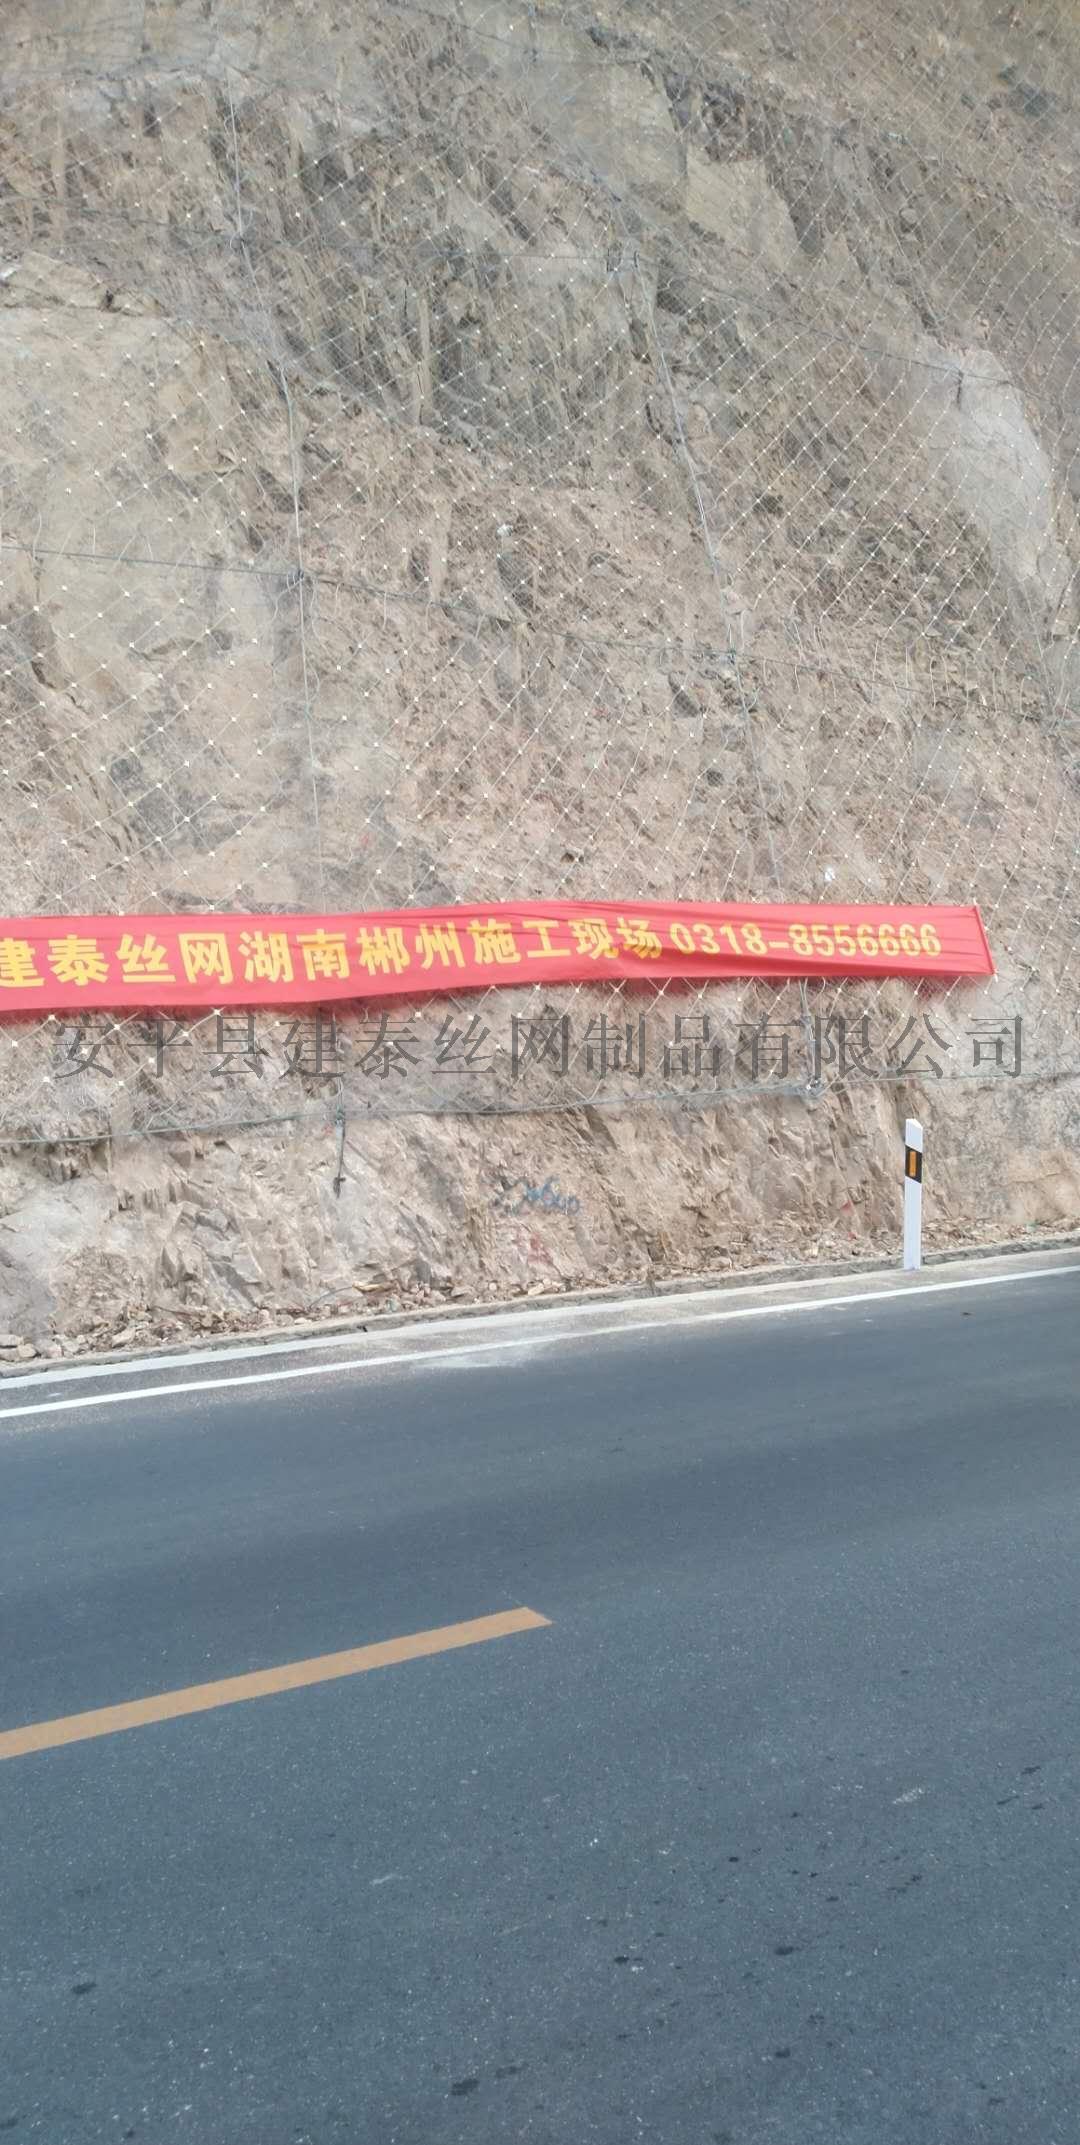 公路sns边坡防护网 柔性防护网厂家951752495